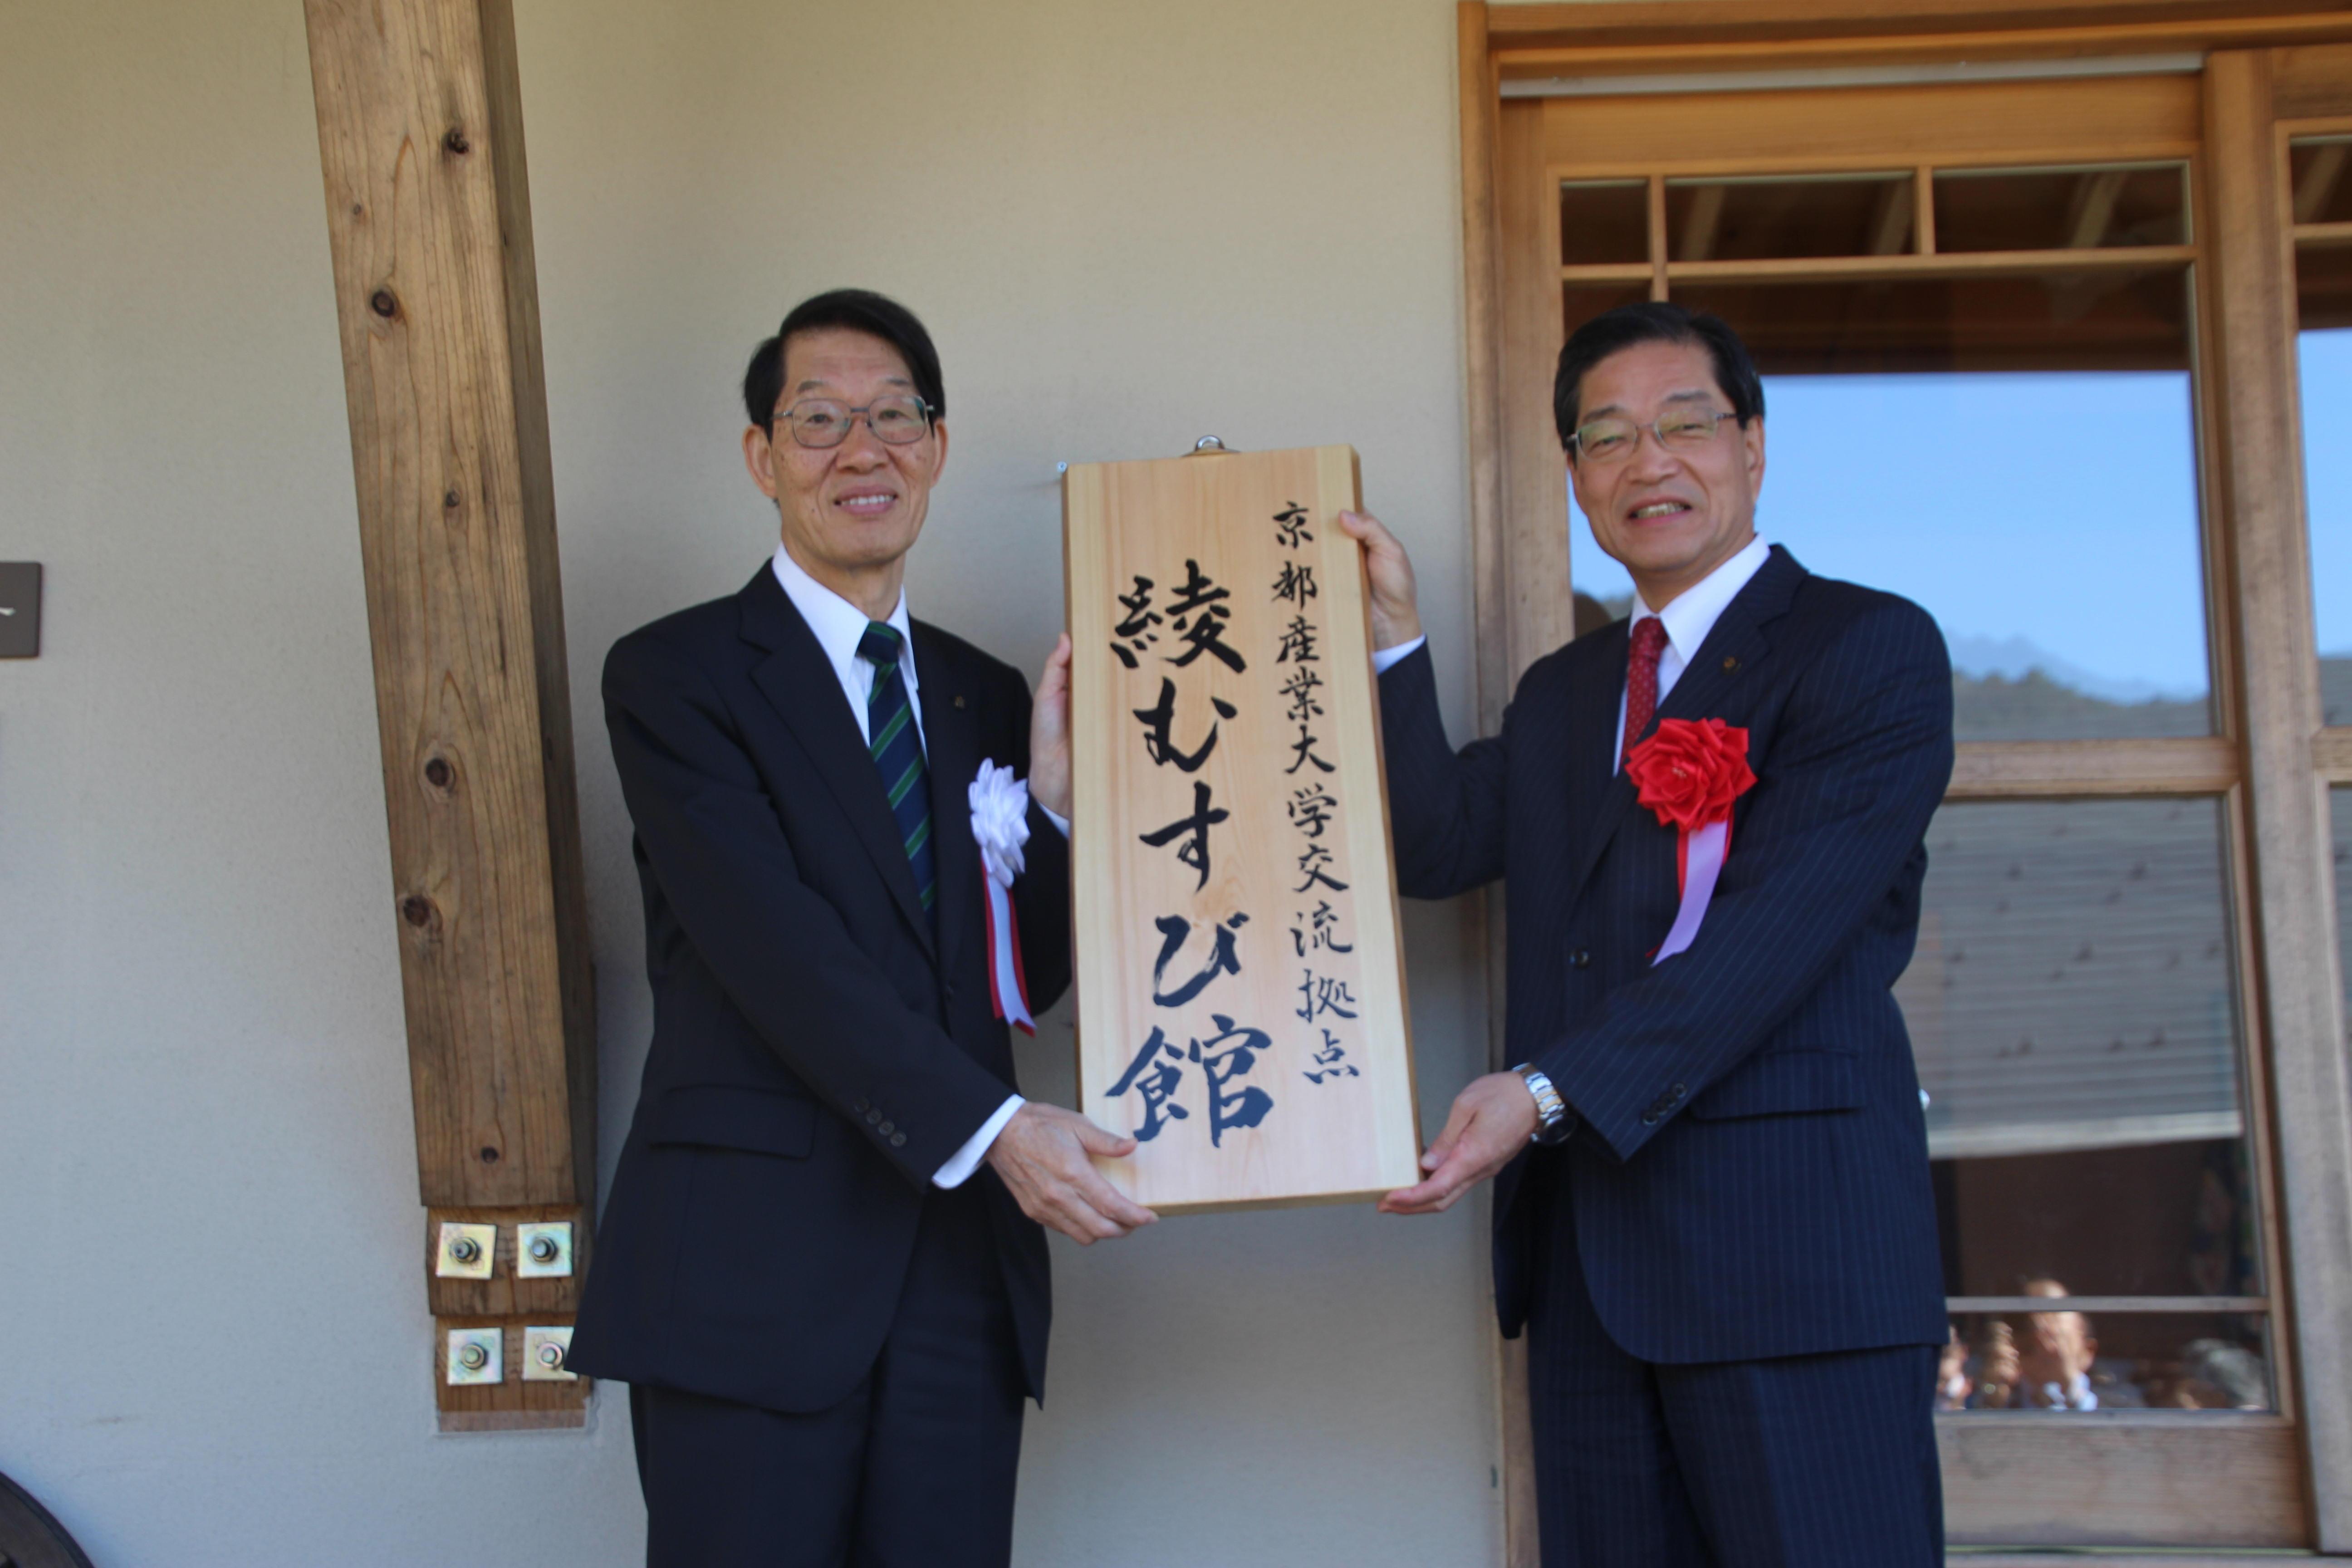 京都産業大学と綾部市の交流拠点「綾むすび館」開所式および公開講座「綾むすびわざ講座」を開催